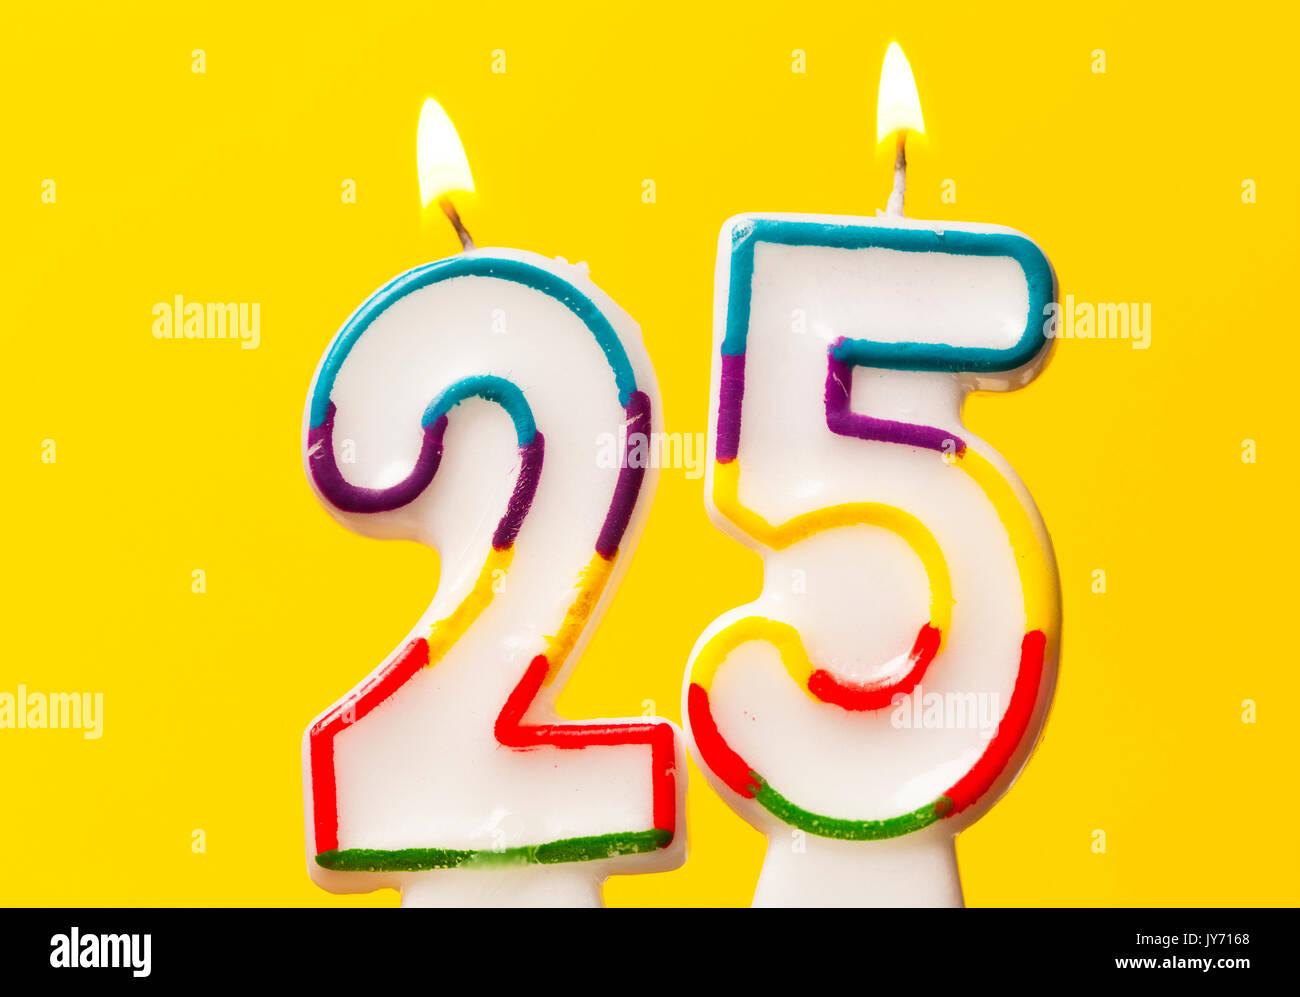 Celebracion Del Cumpleanos Numero 25 Vela Contra Un Fondo De Color